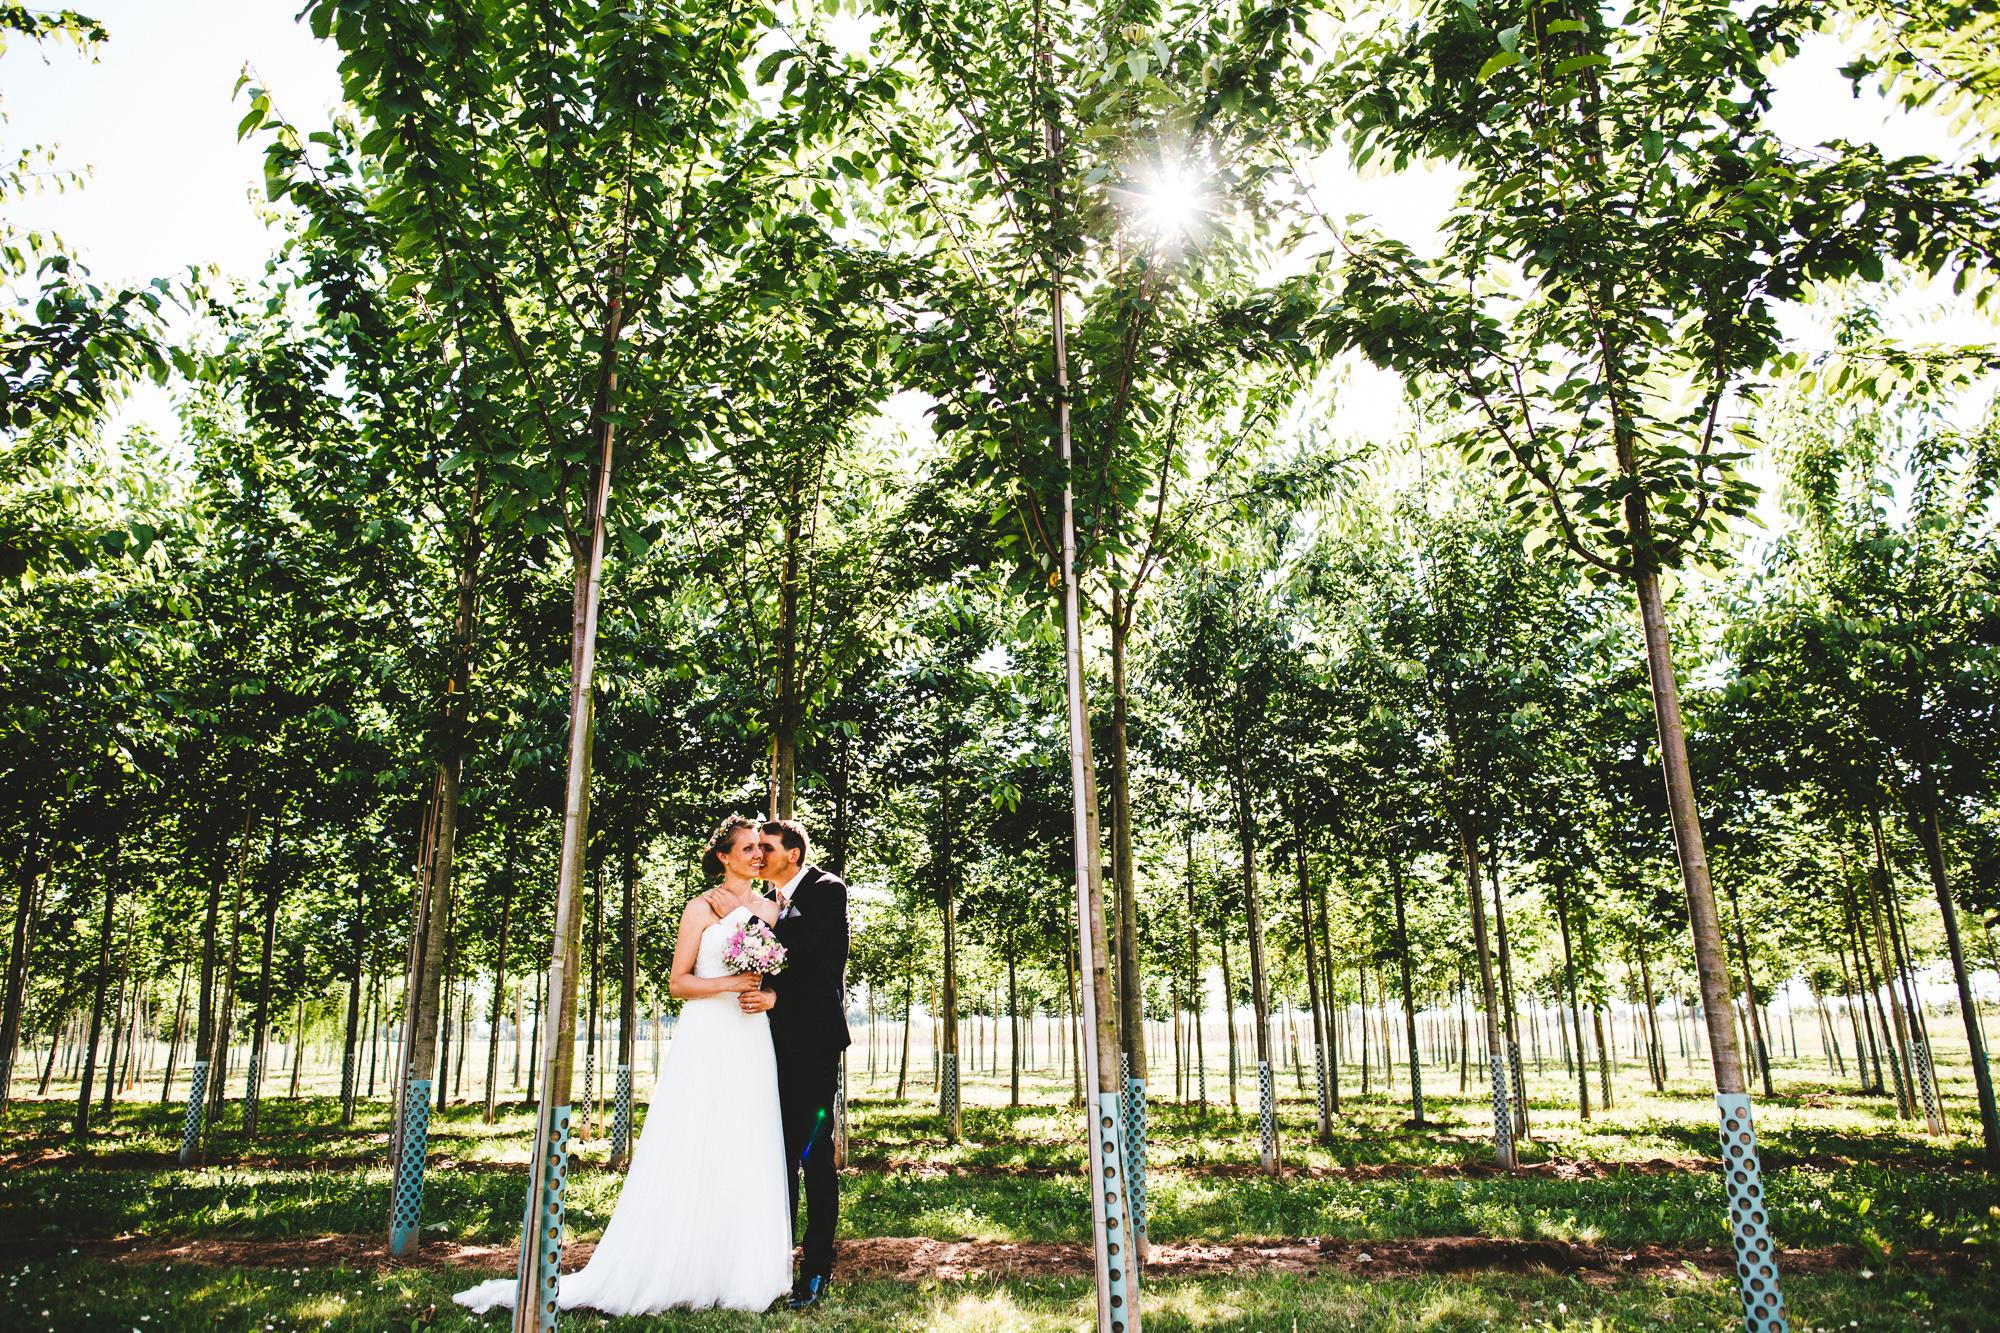 annethomas 276 - Hochzeit im wunderschönen Ladenburg in Eichenstolz